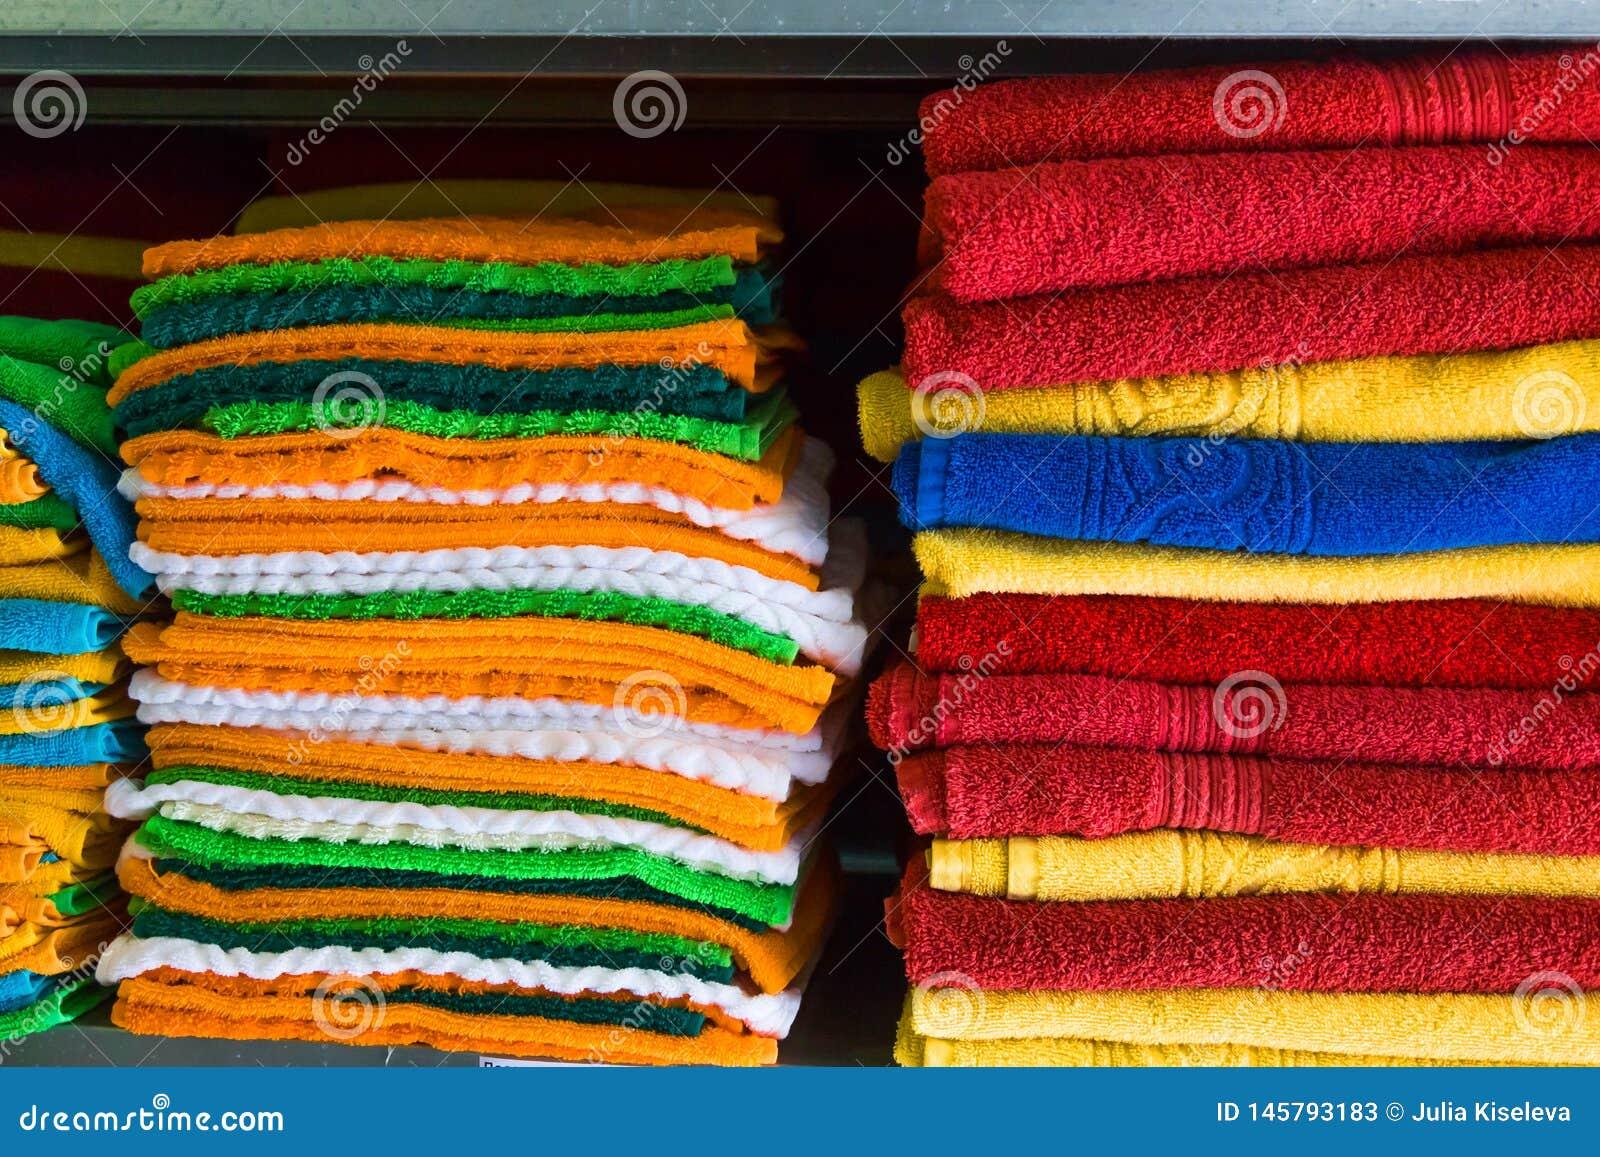 Verse die Hotelhanddoeken op een Plank worden gevouwen en worden gestapeld